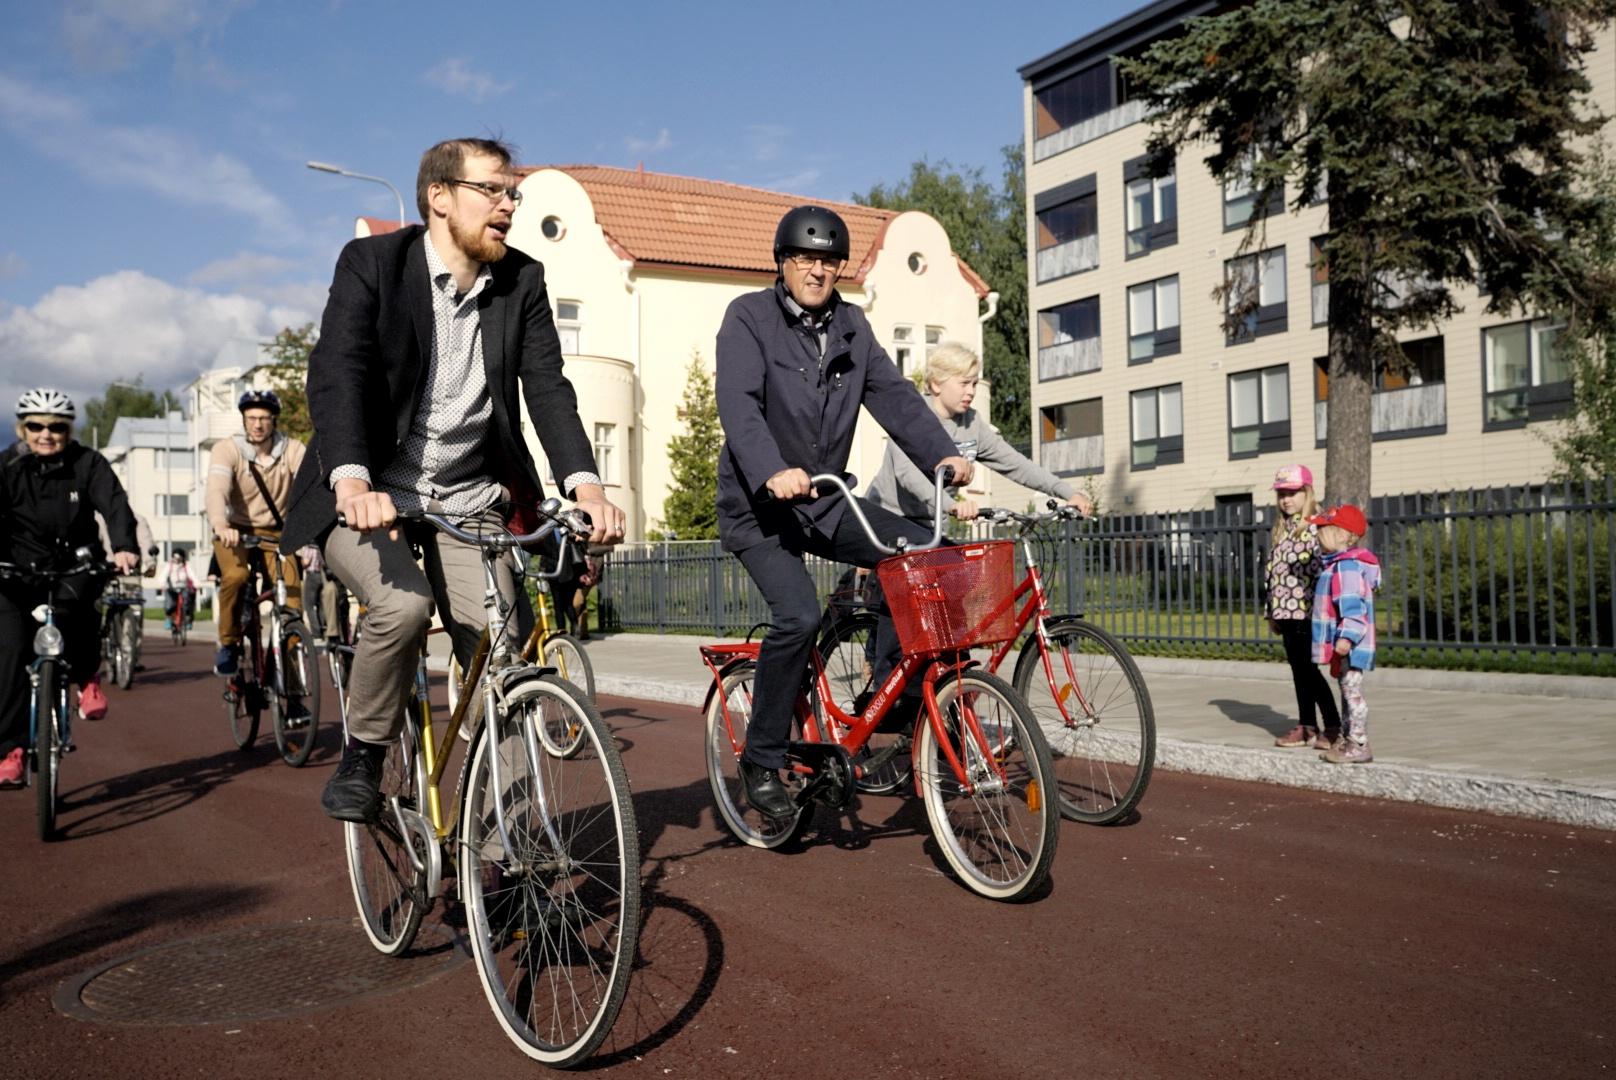 Pyöräliiton Matti Koistinen ja kaupunginjohtaja Kari Karjalainen testasivat pyöräkatua heti kun se oli avattu. (Kuva: Pasi Rasamäki)